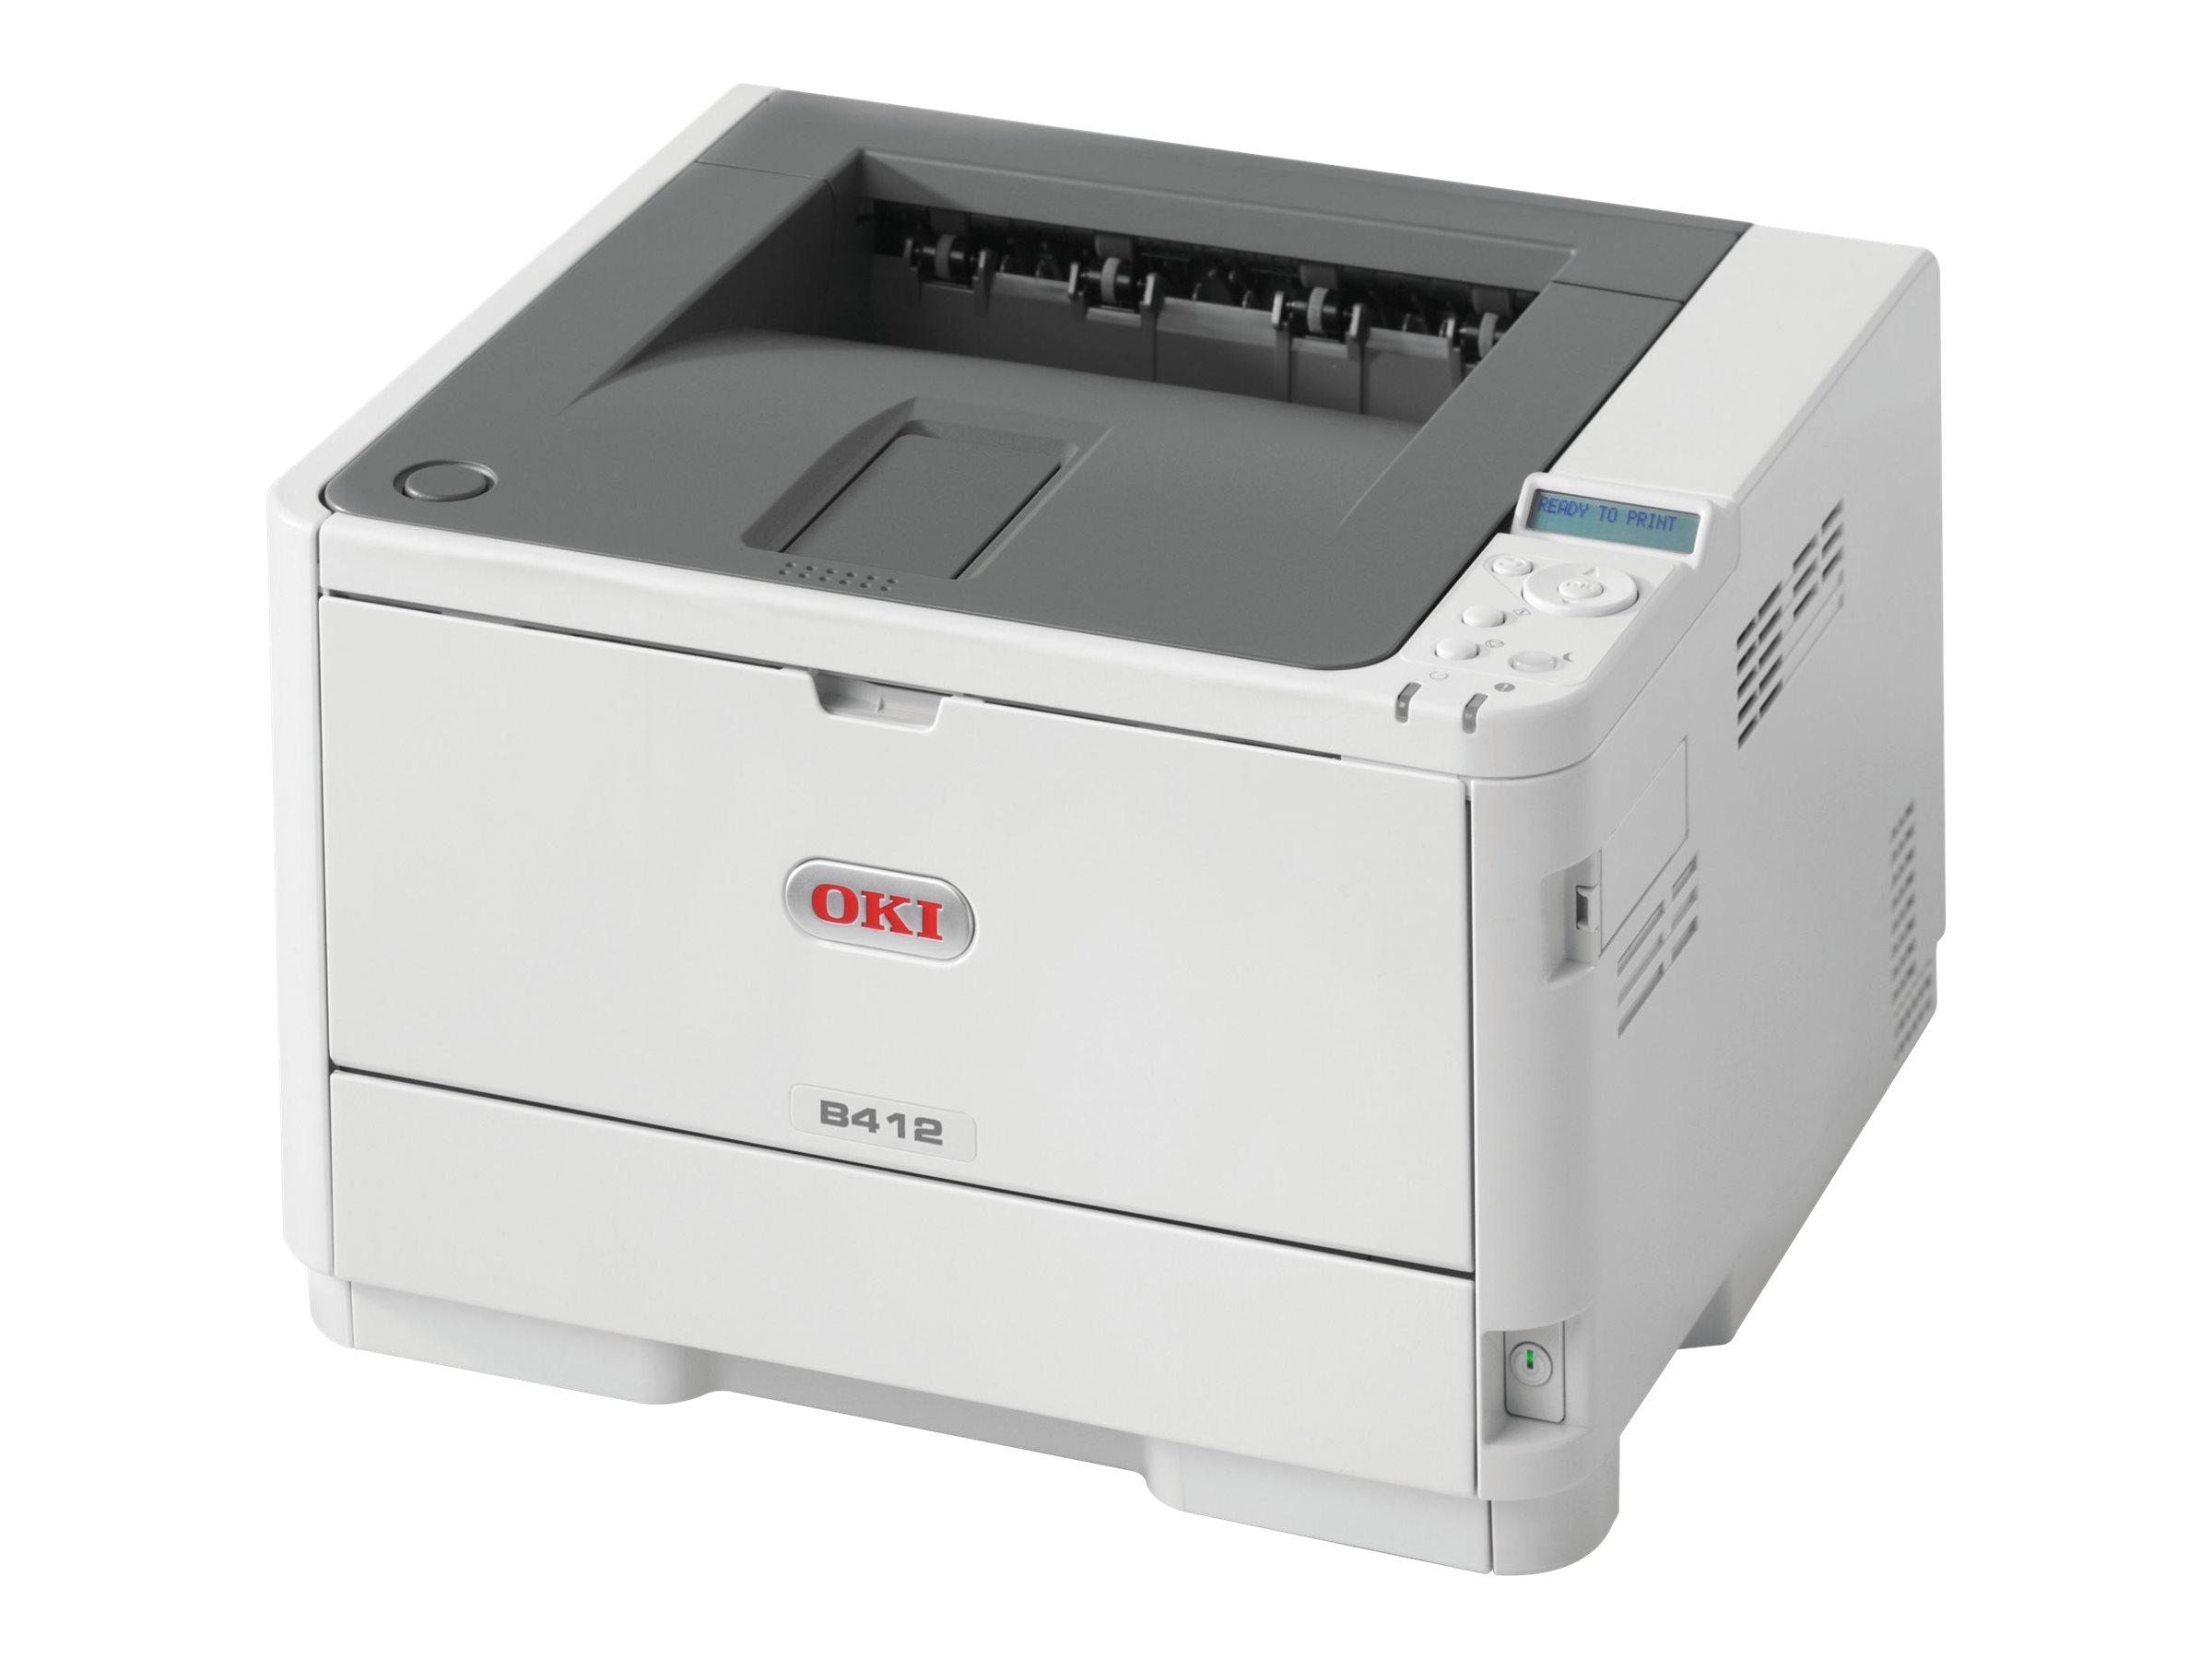 OKI B412dn - Drucker - monochrom - Duplex - LED A4/Legal - 1200 x 1200 dpi - bis zu 33 Seiten/Min. - Kapazität: 350 Blätter - USB 2.0 - Gigabit LAN